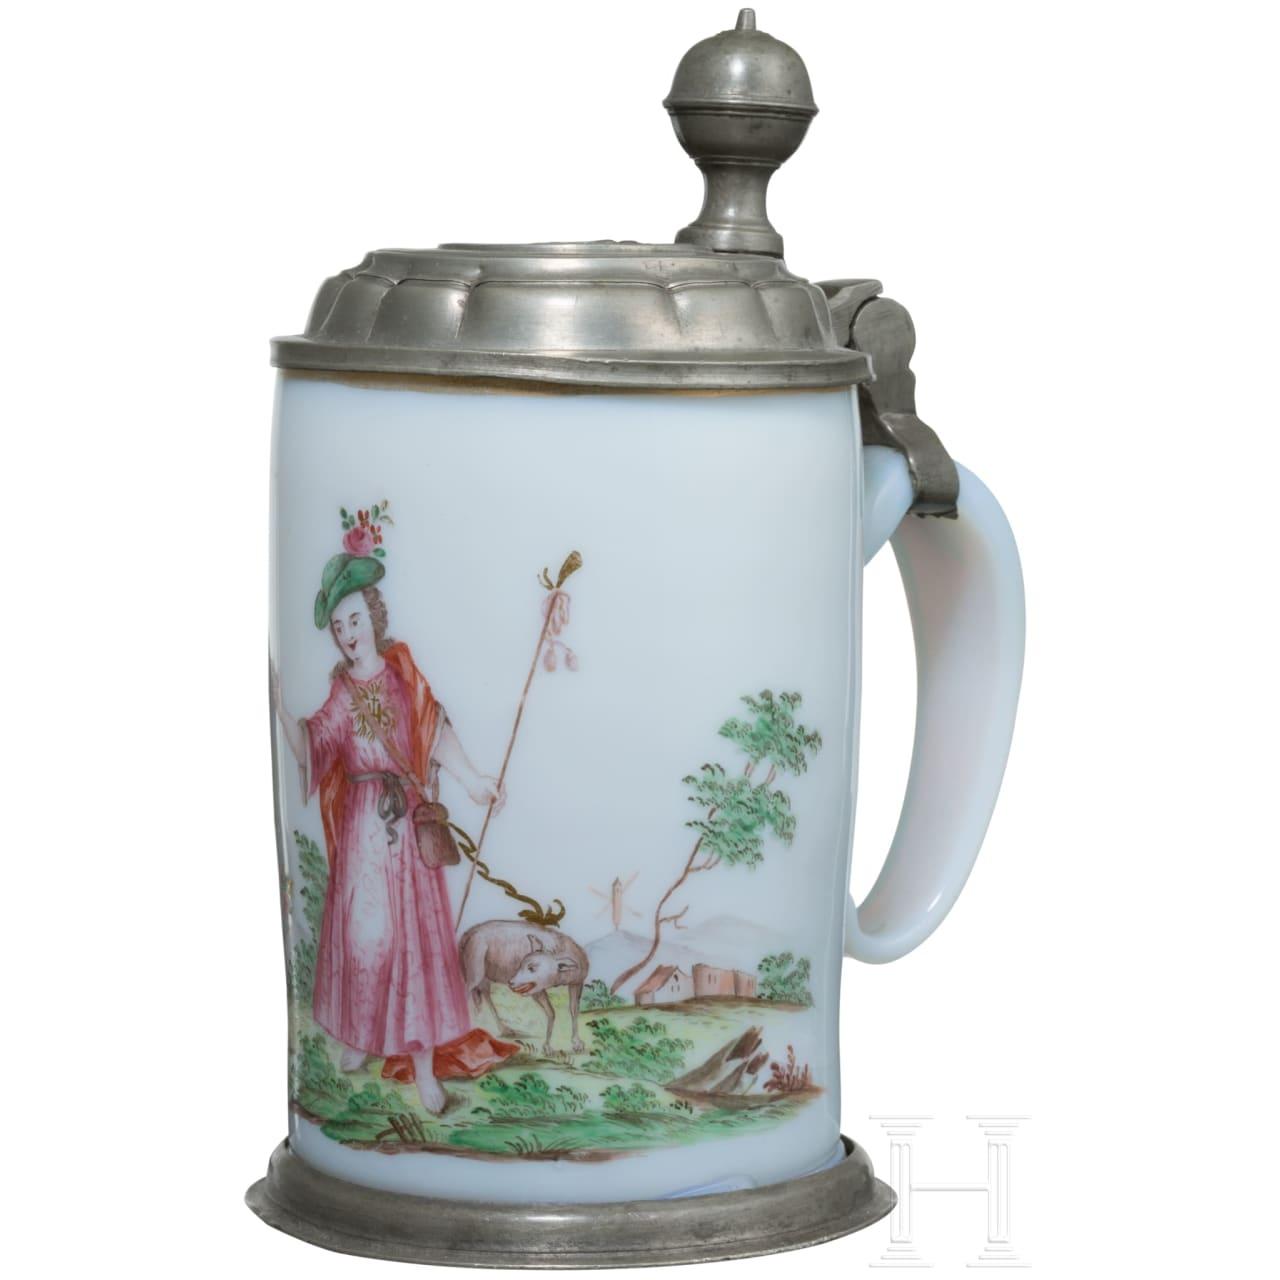 Milchglaskrug mit Hirtenszene, Böhmen, 2. Hälfte 18. Jhdt.